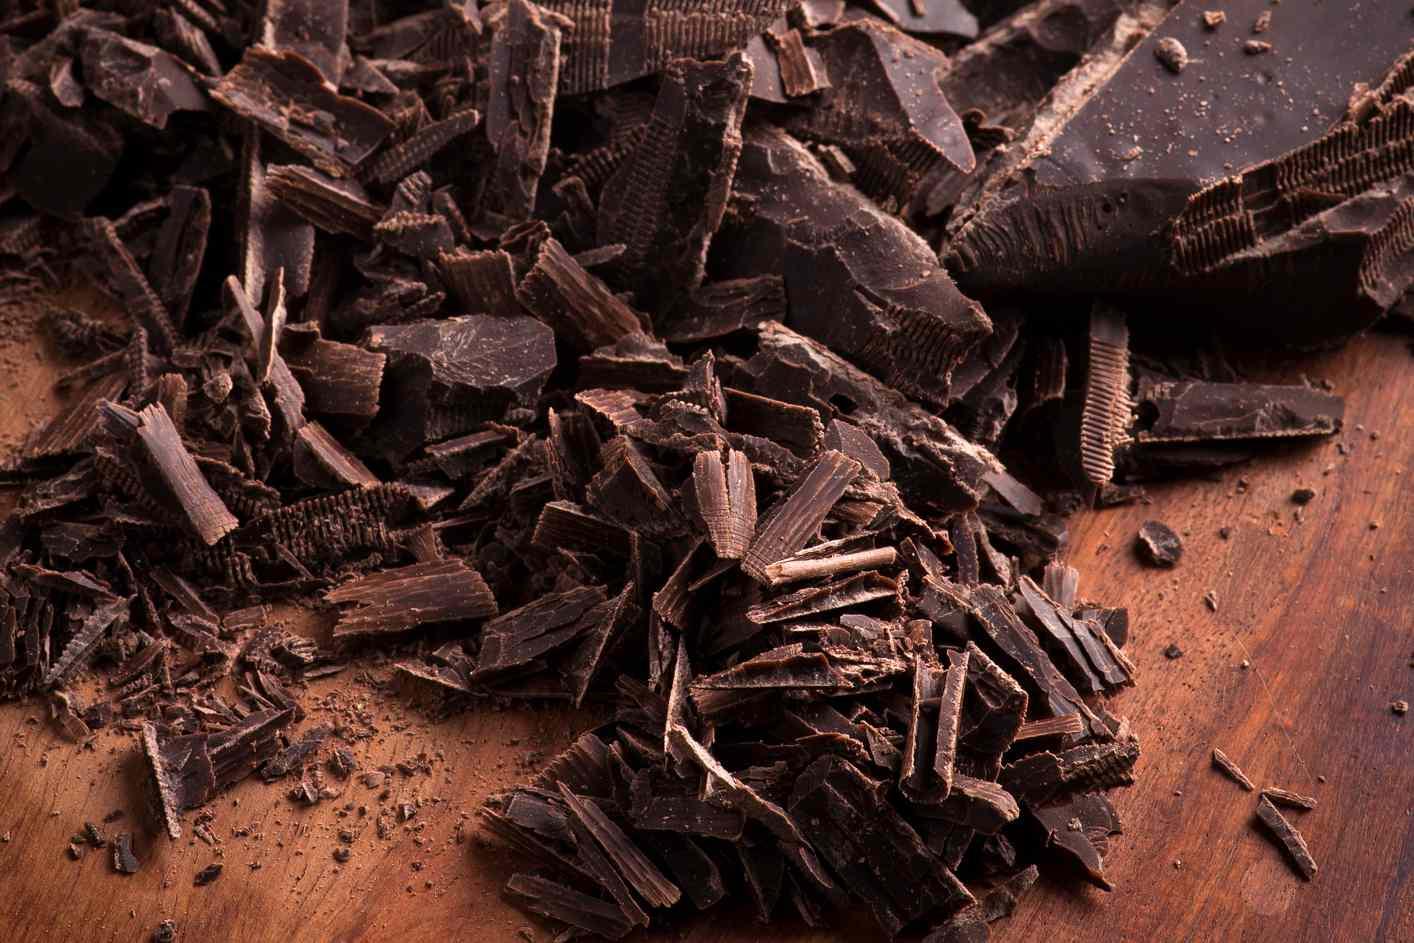 Shaved dark chocolate